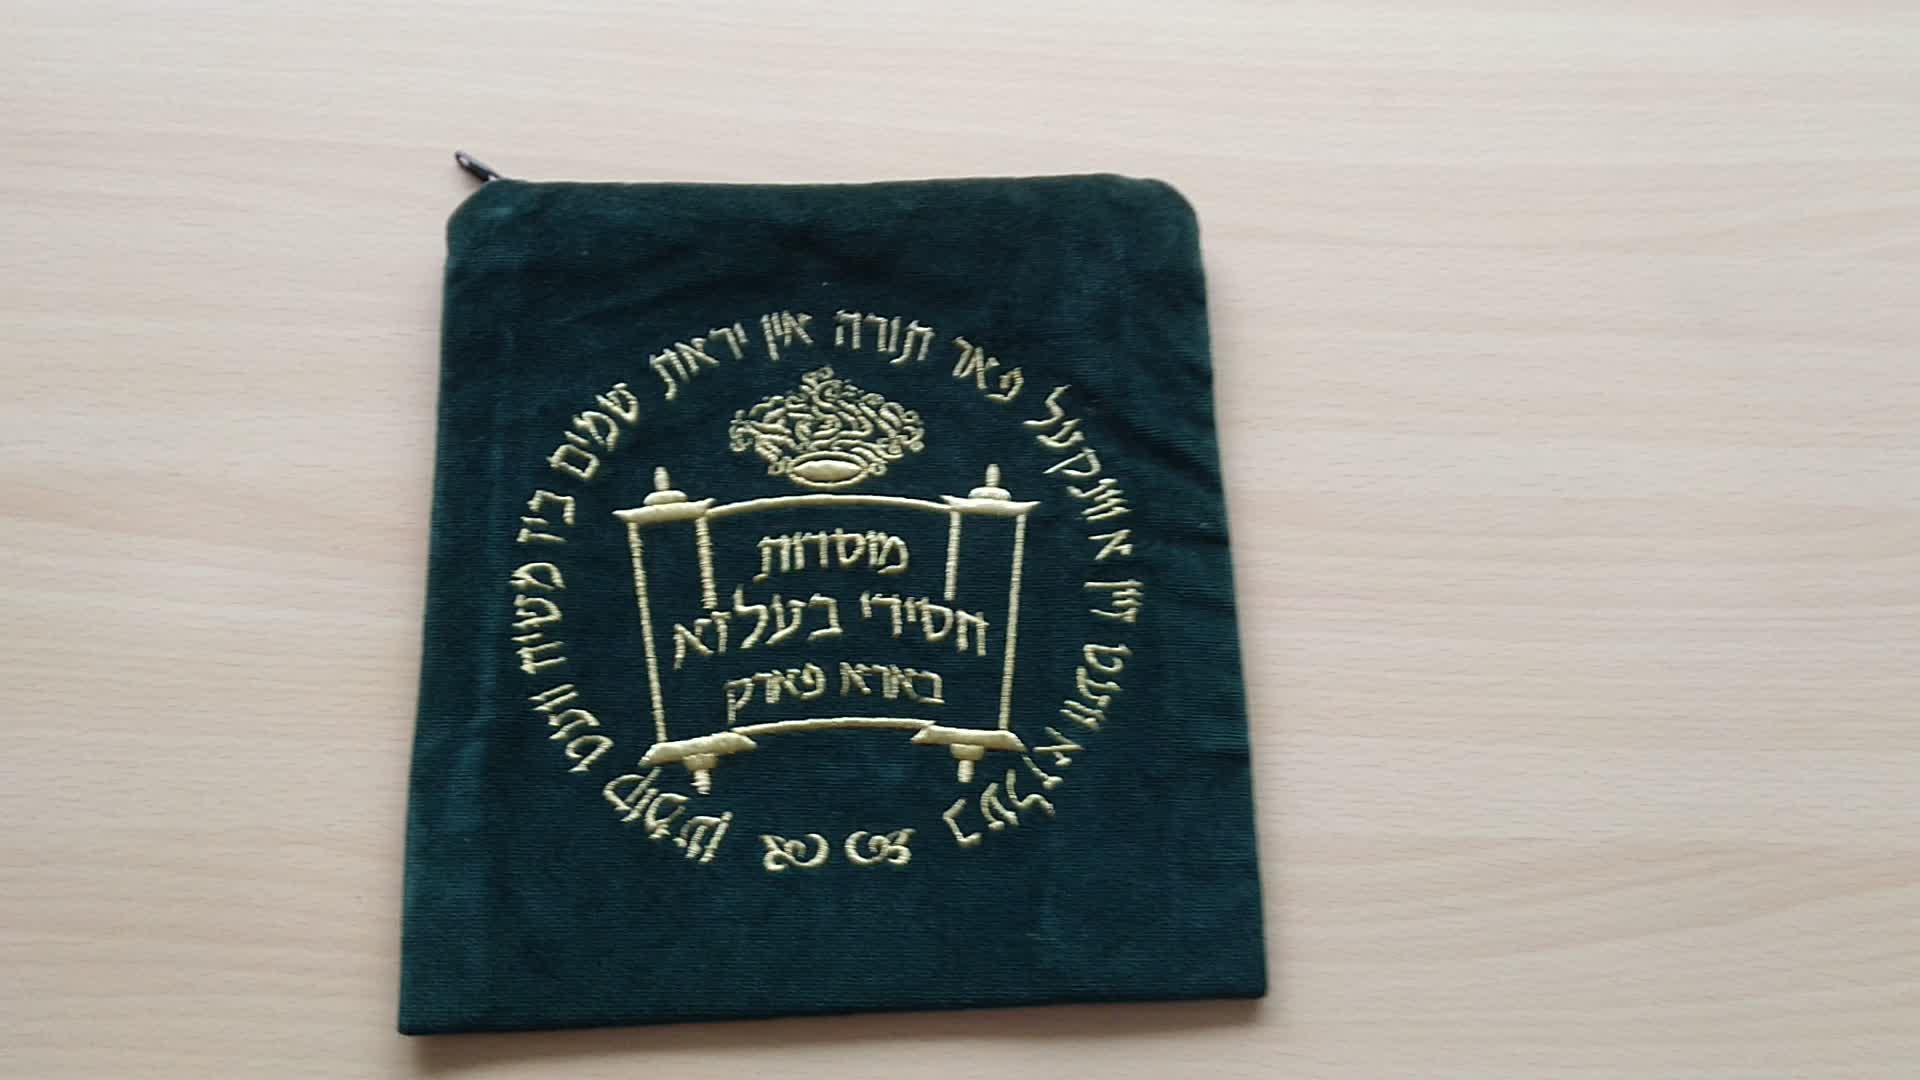 תוצרת סין יאיר עמנואל Tallit תיק כהה חיל הים קטיפה Tallit תיק מלא רקום ירושלים עיצוב (צבעים)